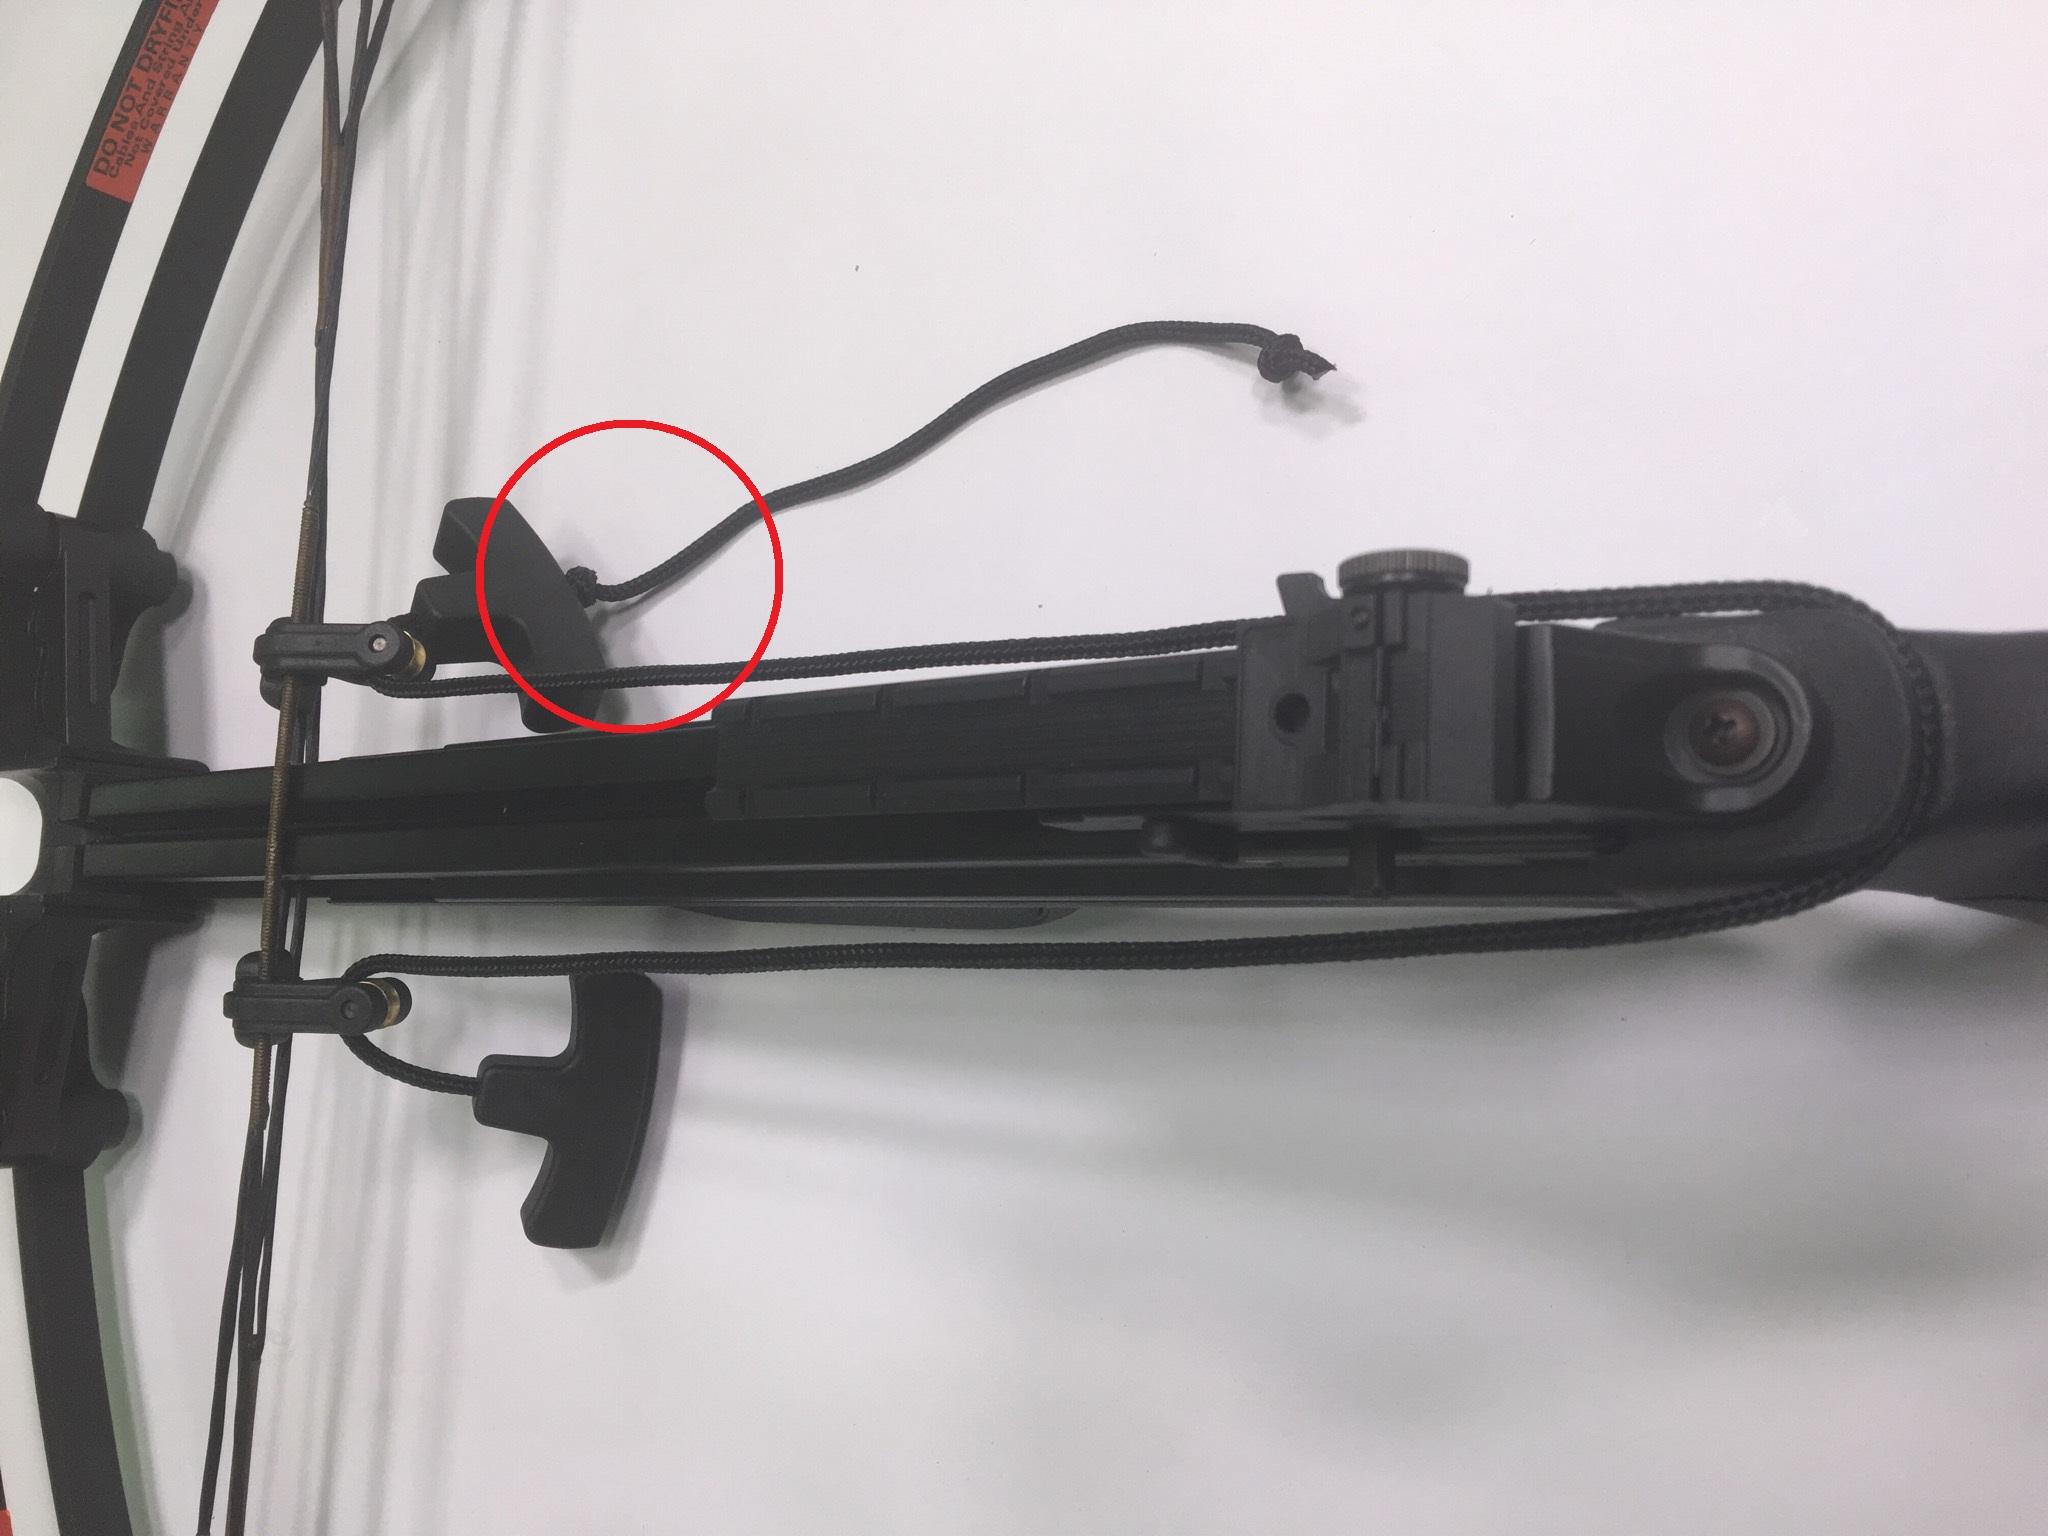 Dieses Anwendungsbeispiel zur beiliegenden Spannhilfe soll zeigen, dass man die Griffe möglichst sehr kurz einstellen muss um komfortabel spannen zu können. Um den Griff möglichst kurz einzustellen, wird einfach ein Knoten im Spannseil gemacht.